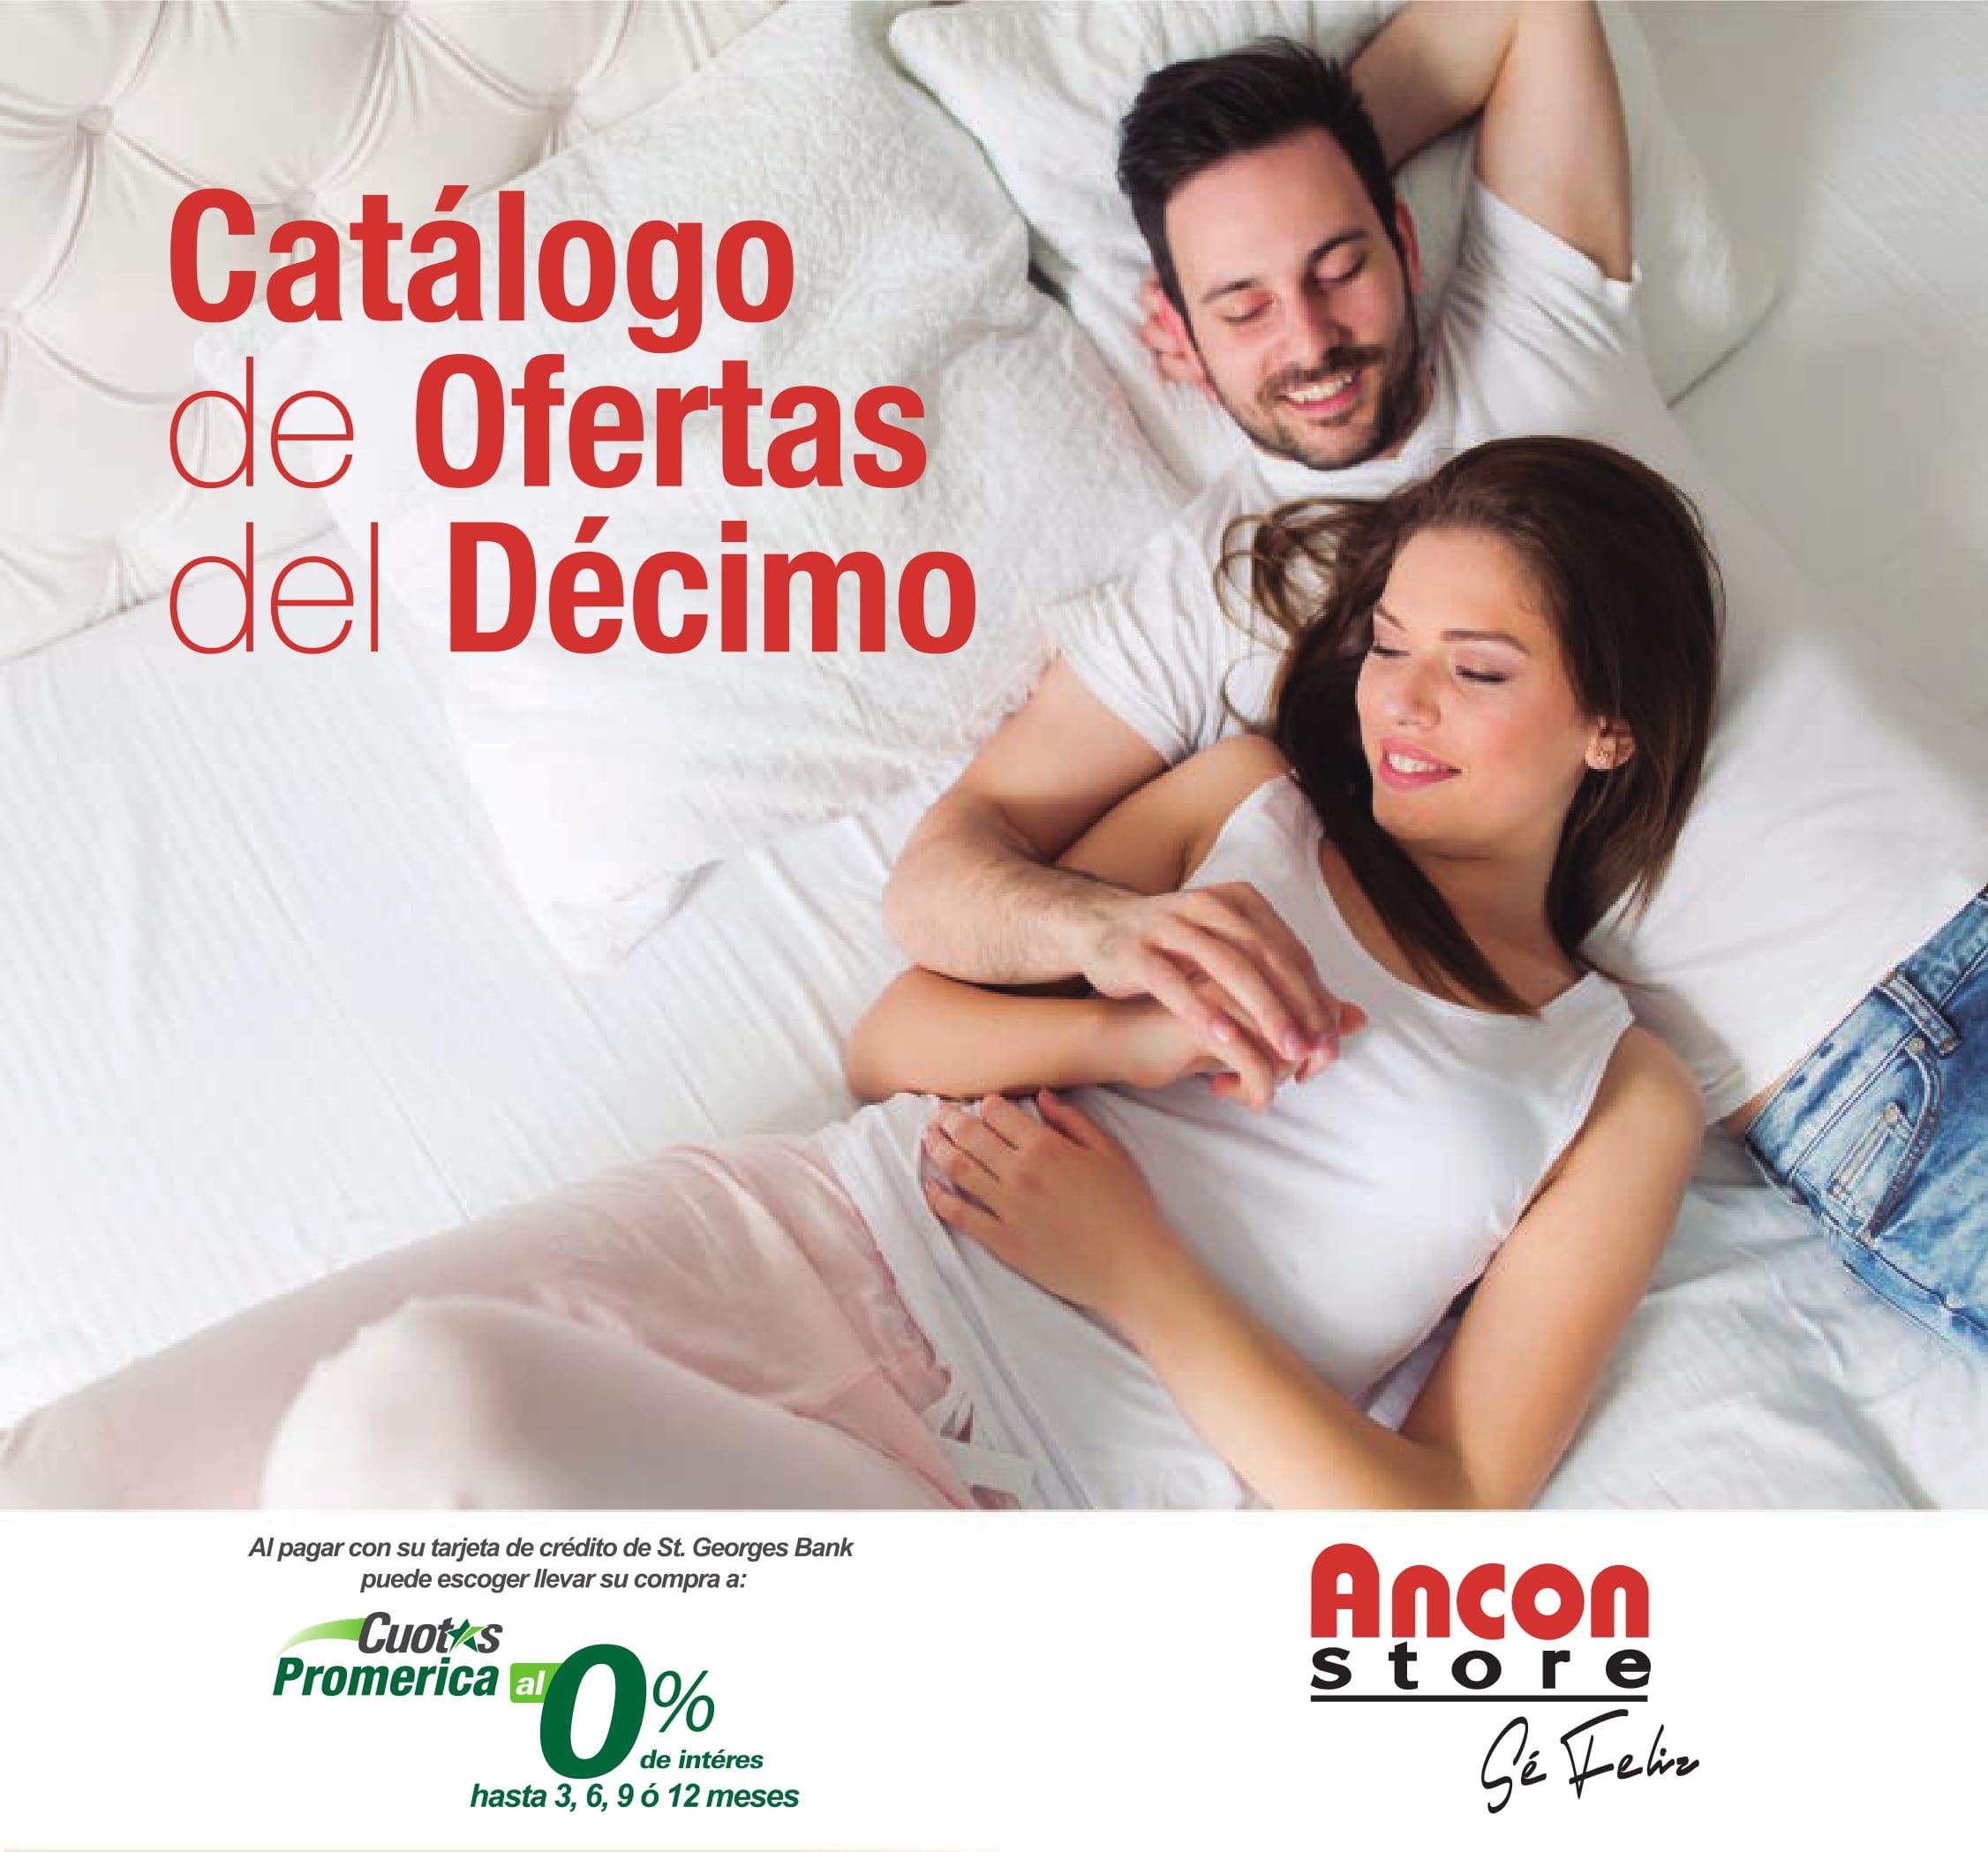 Catalogo ancon store 2017 (agosto - septiembre